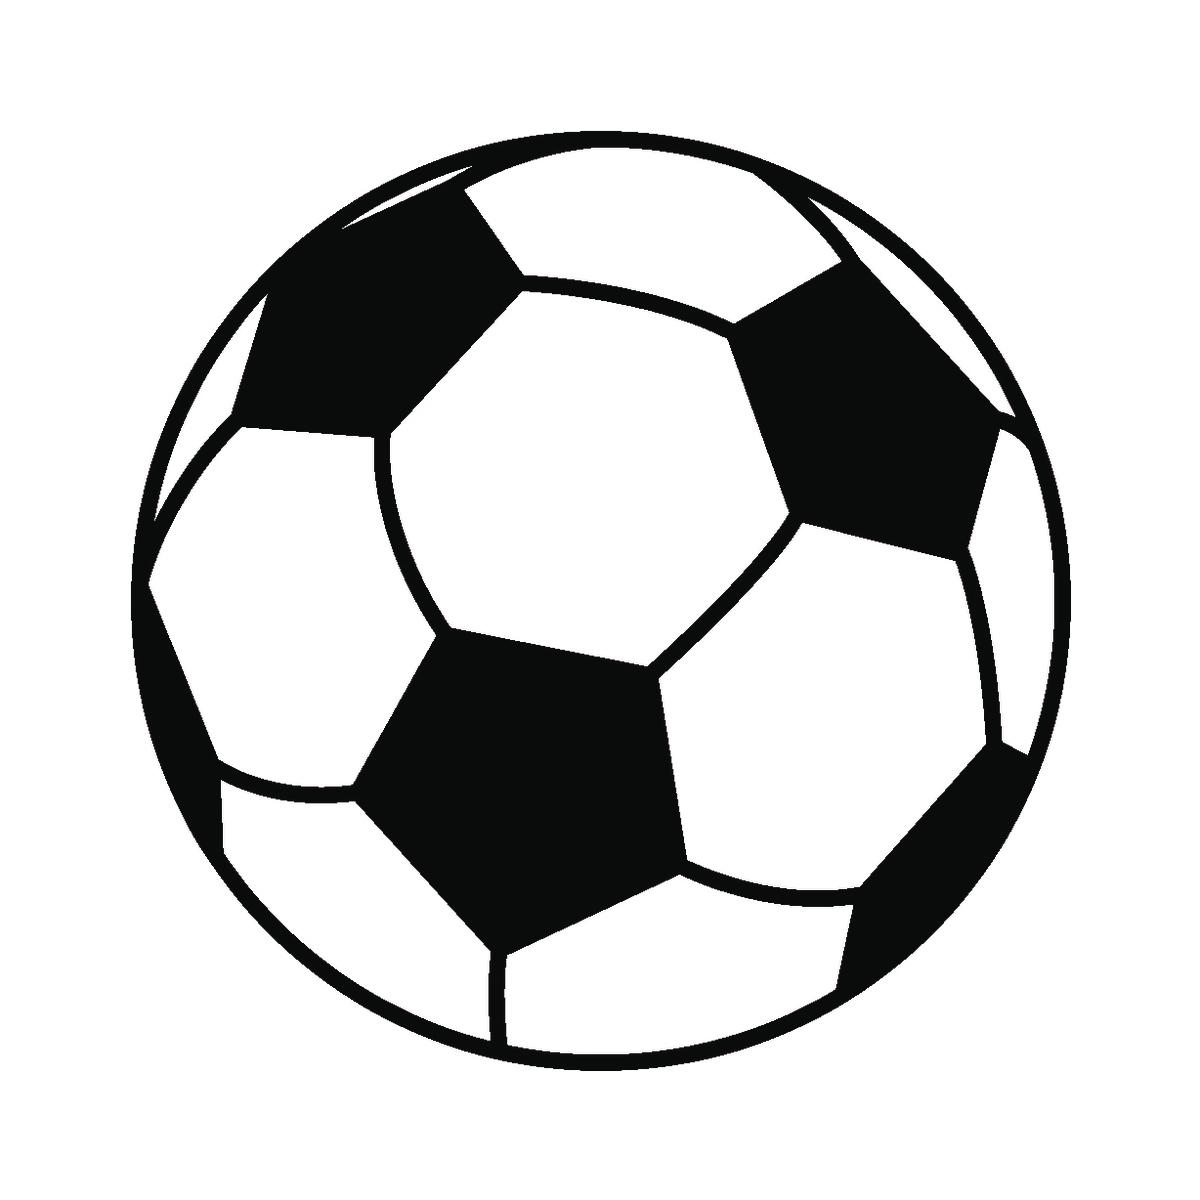 Malvorlage Ball - ClipArt Best